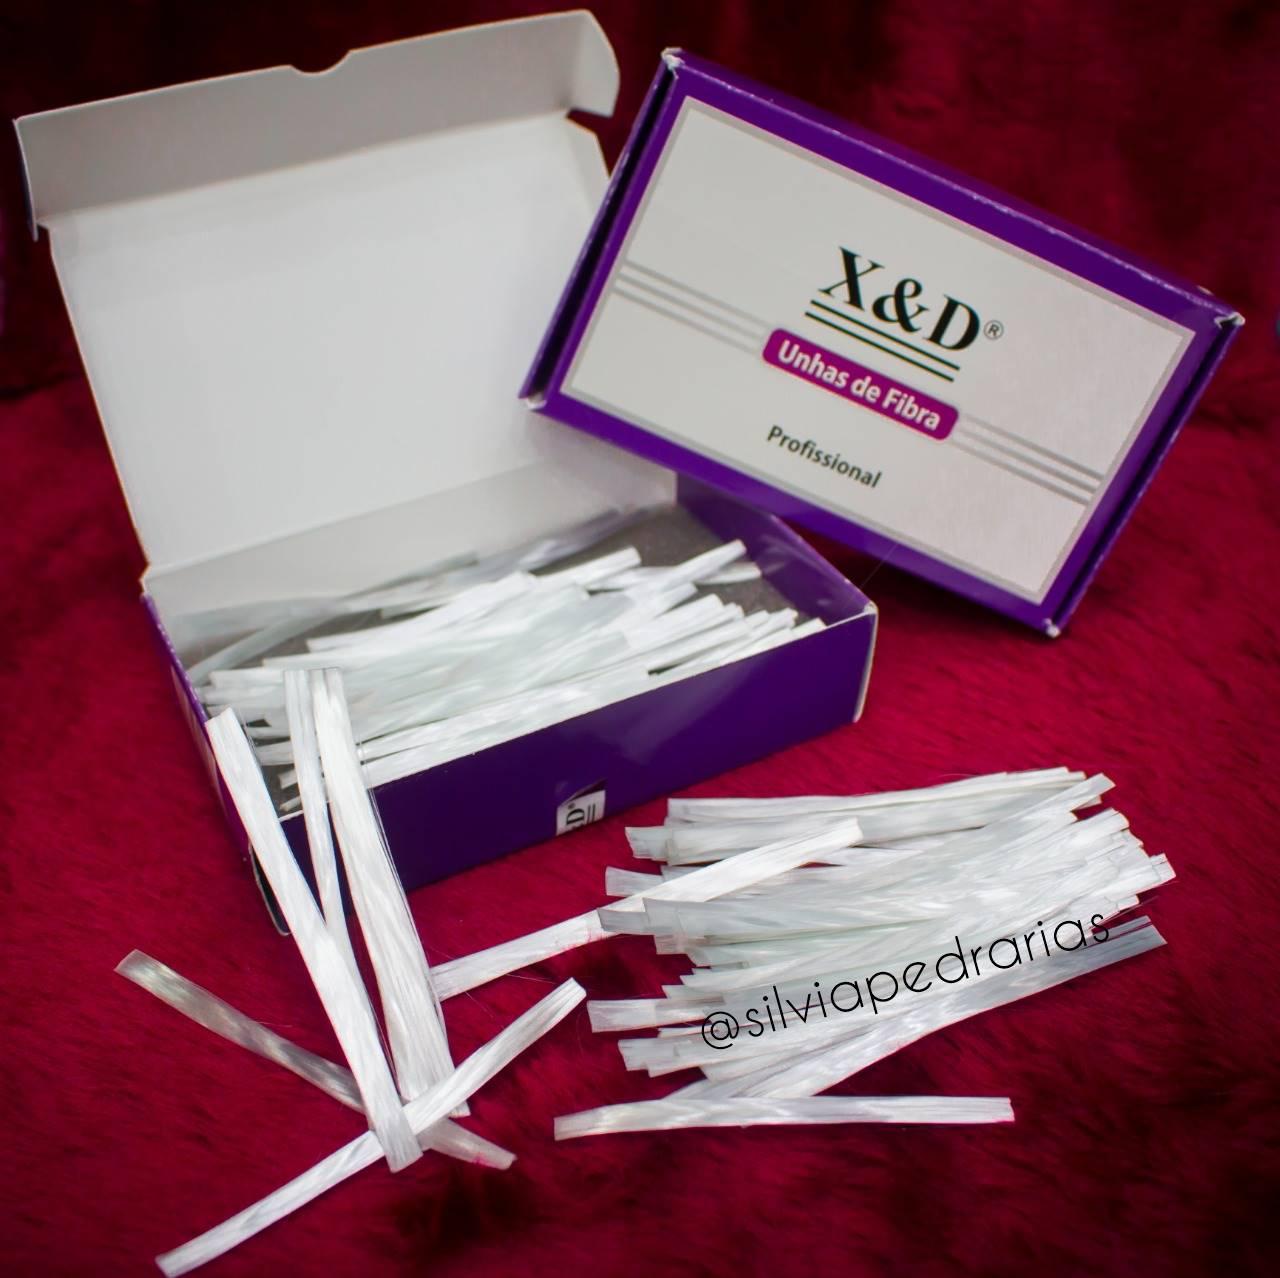 Caixinha com 50 fibras de vidro seladas X&D  - Sílvia Pedrarias & Cia